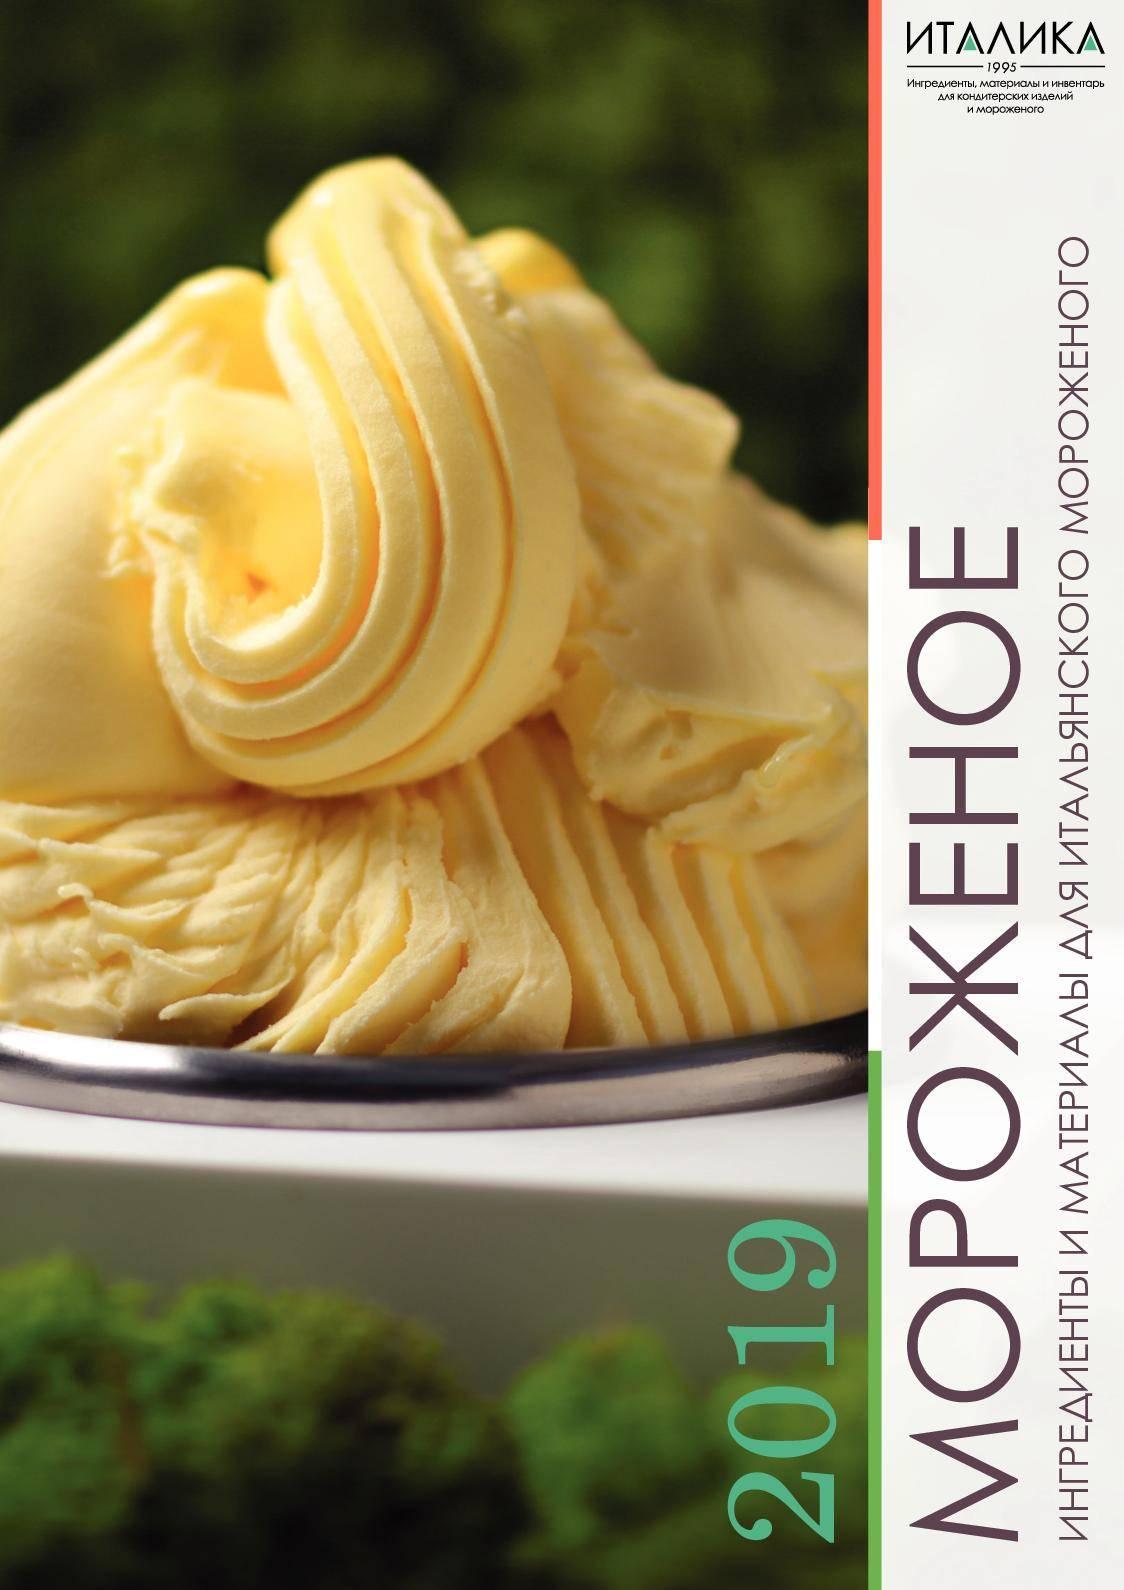 Экзотика в домашних условиях: готовим настоящее итальянского мороженое